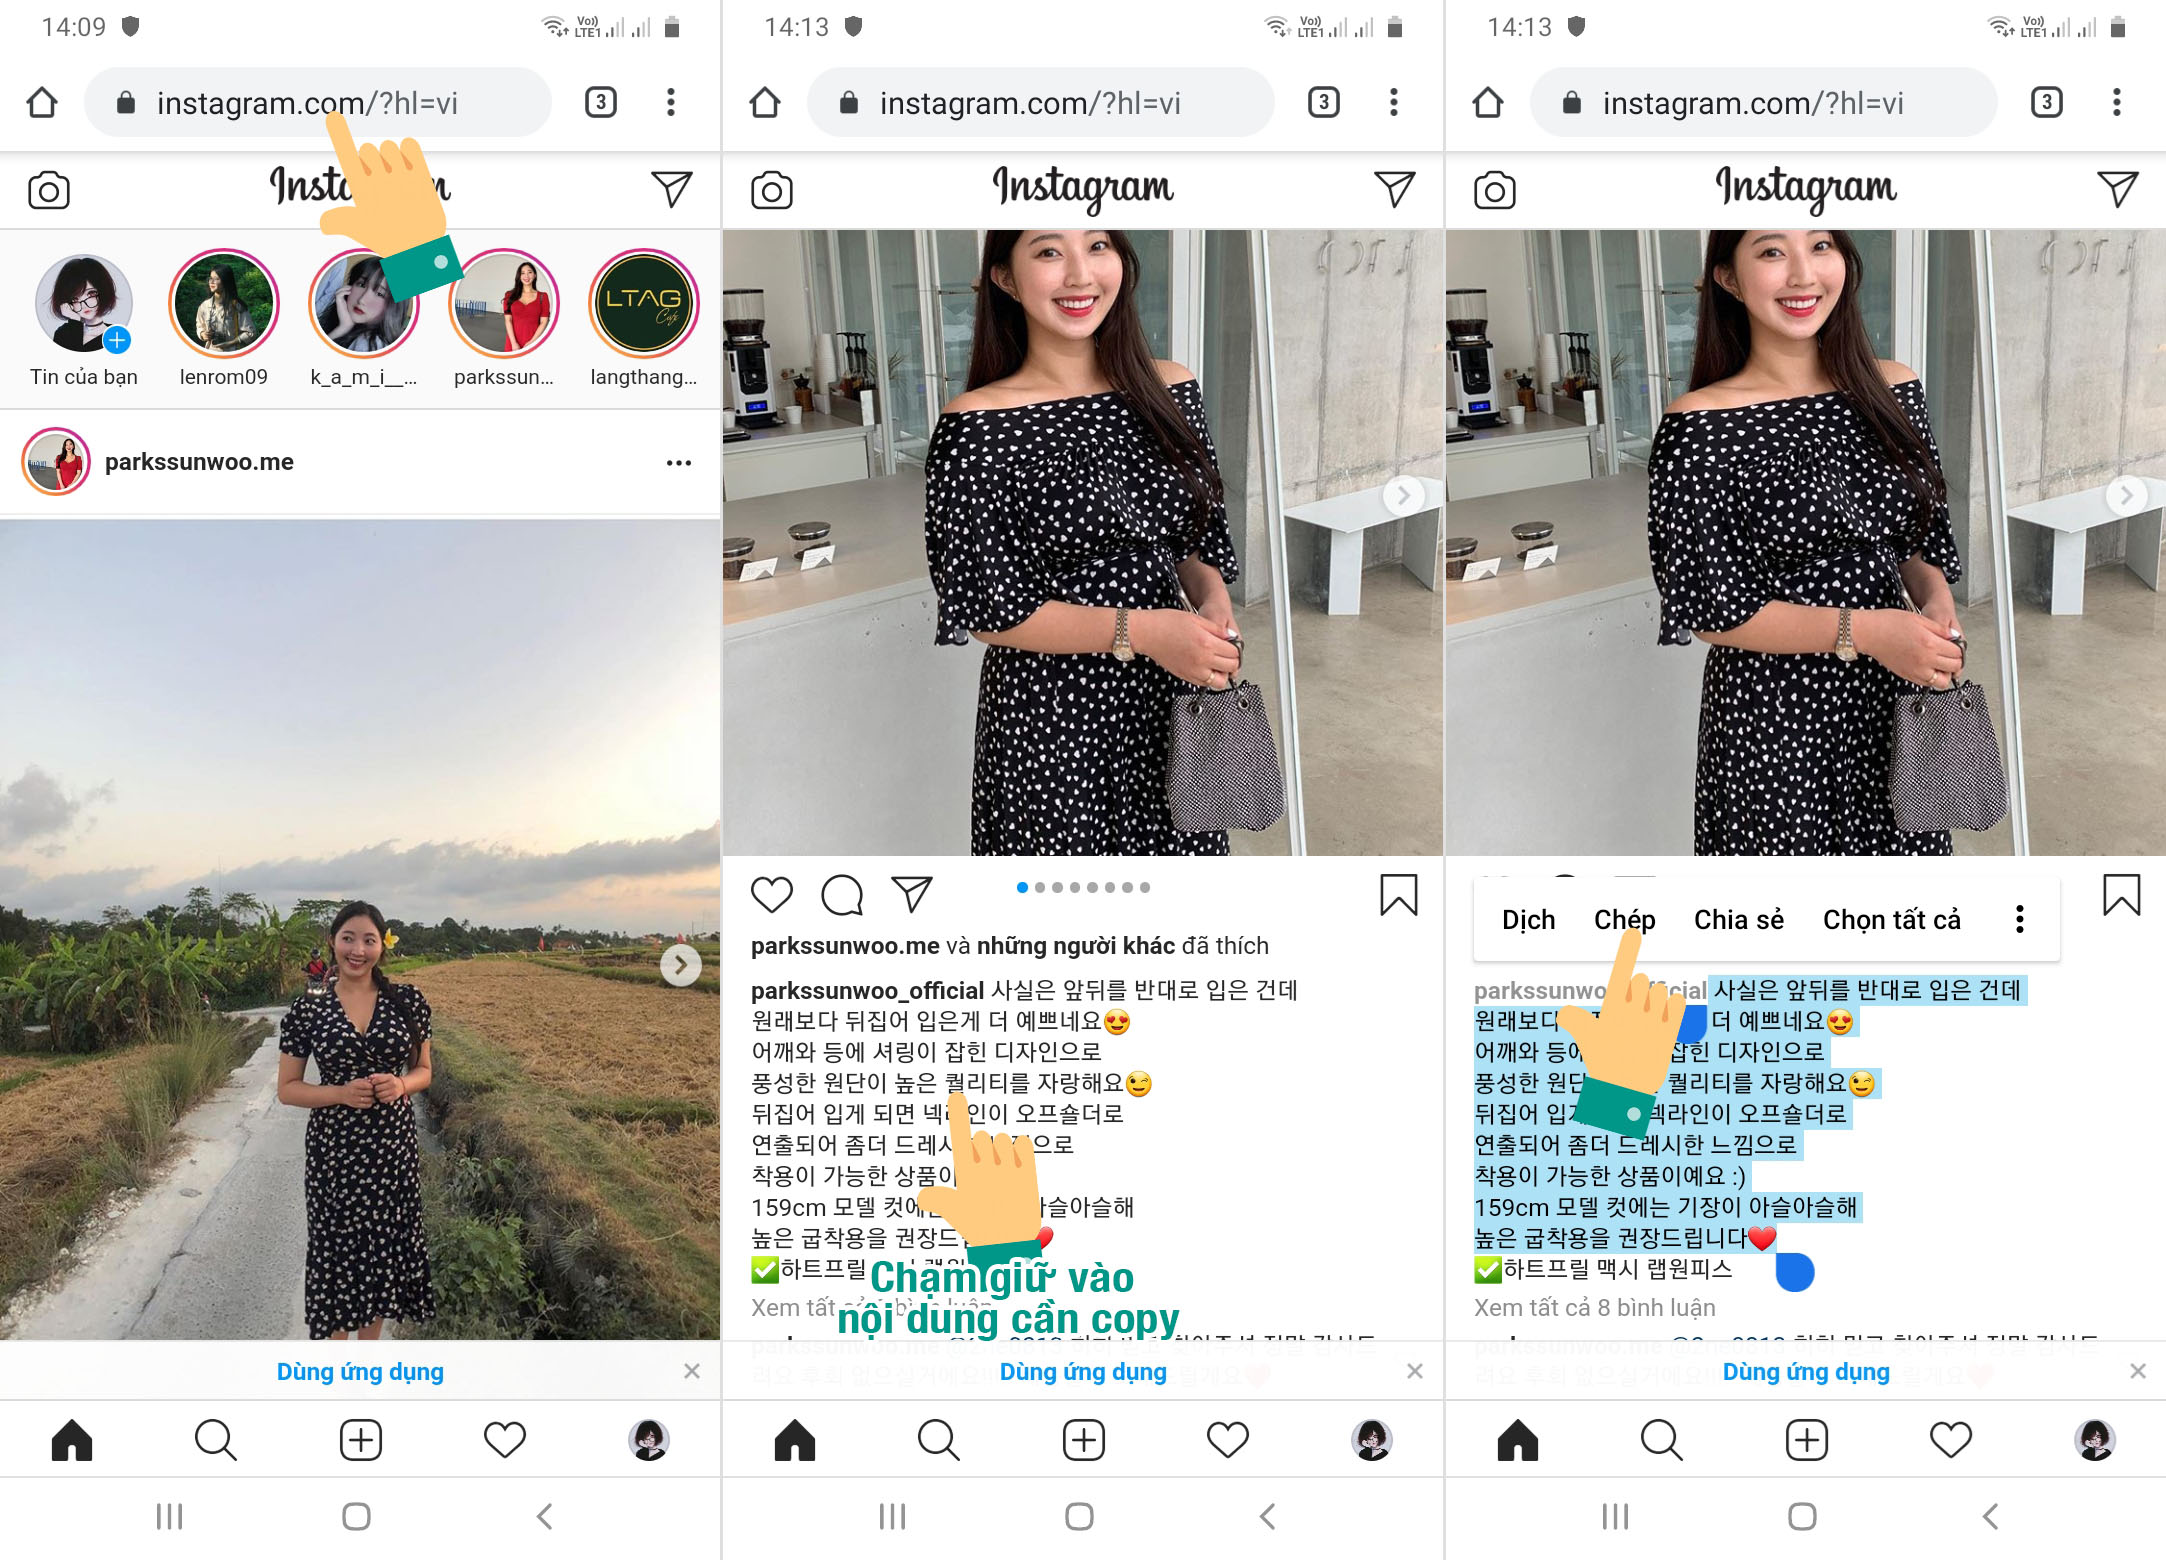 Cách copy caption hashtag bình luận… Instagram bằng điện thoại